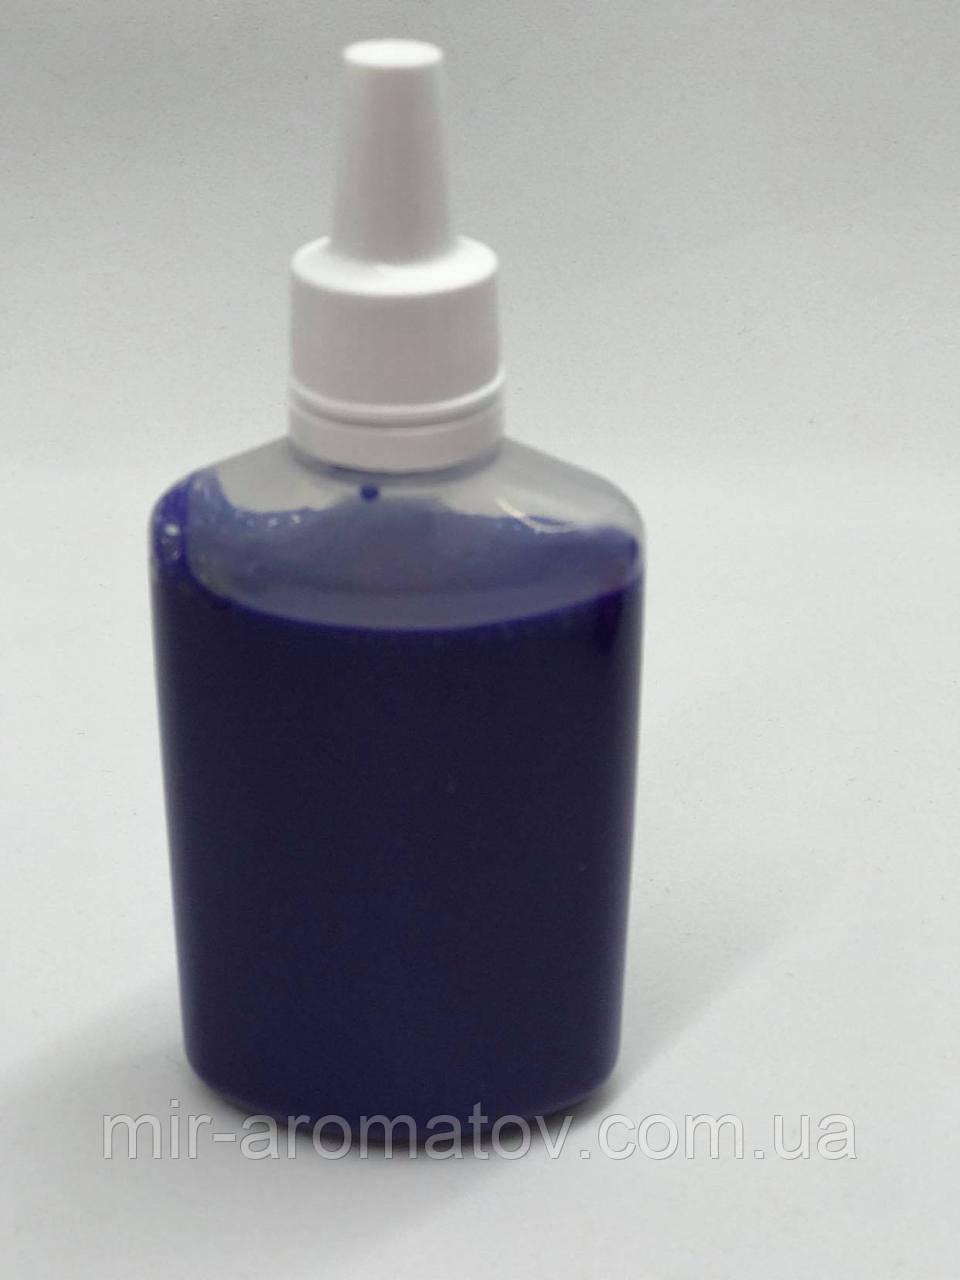 Паста жидкая, косметические, про-во Швейцария  50 грамм  синий